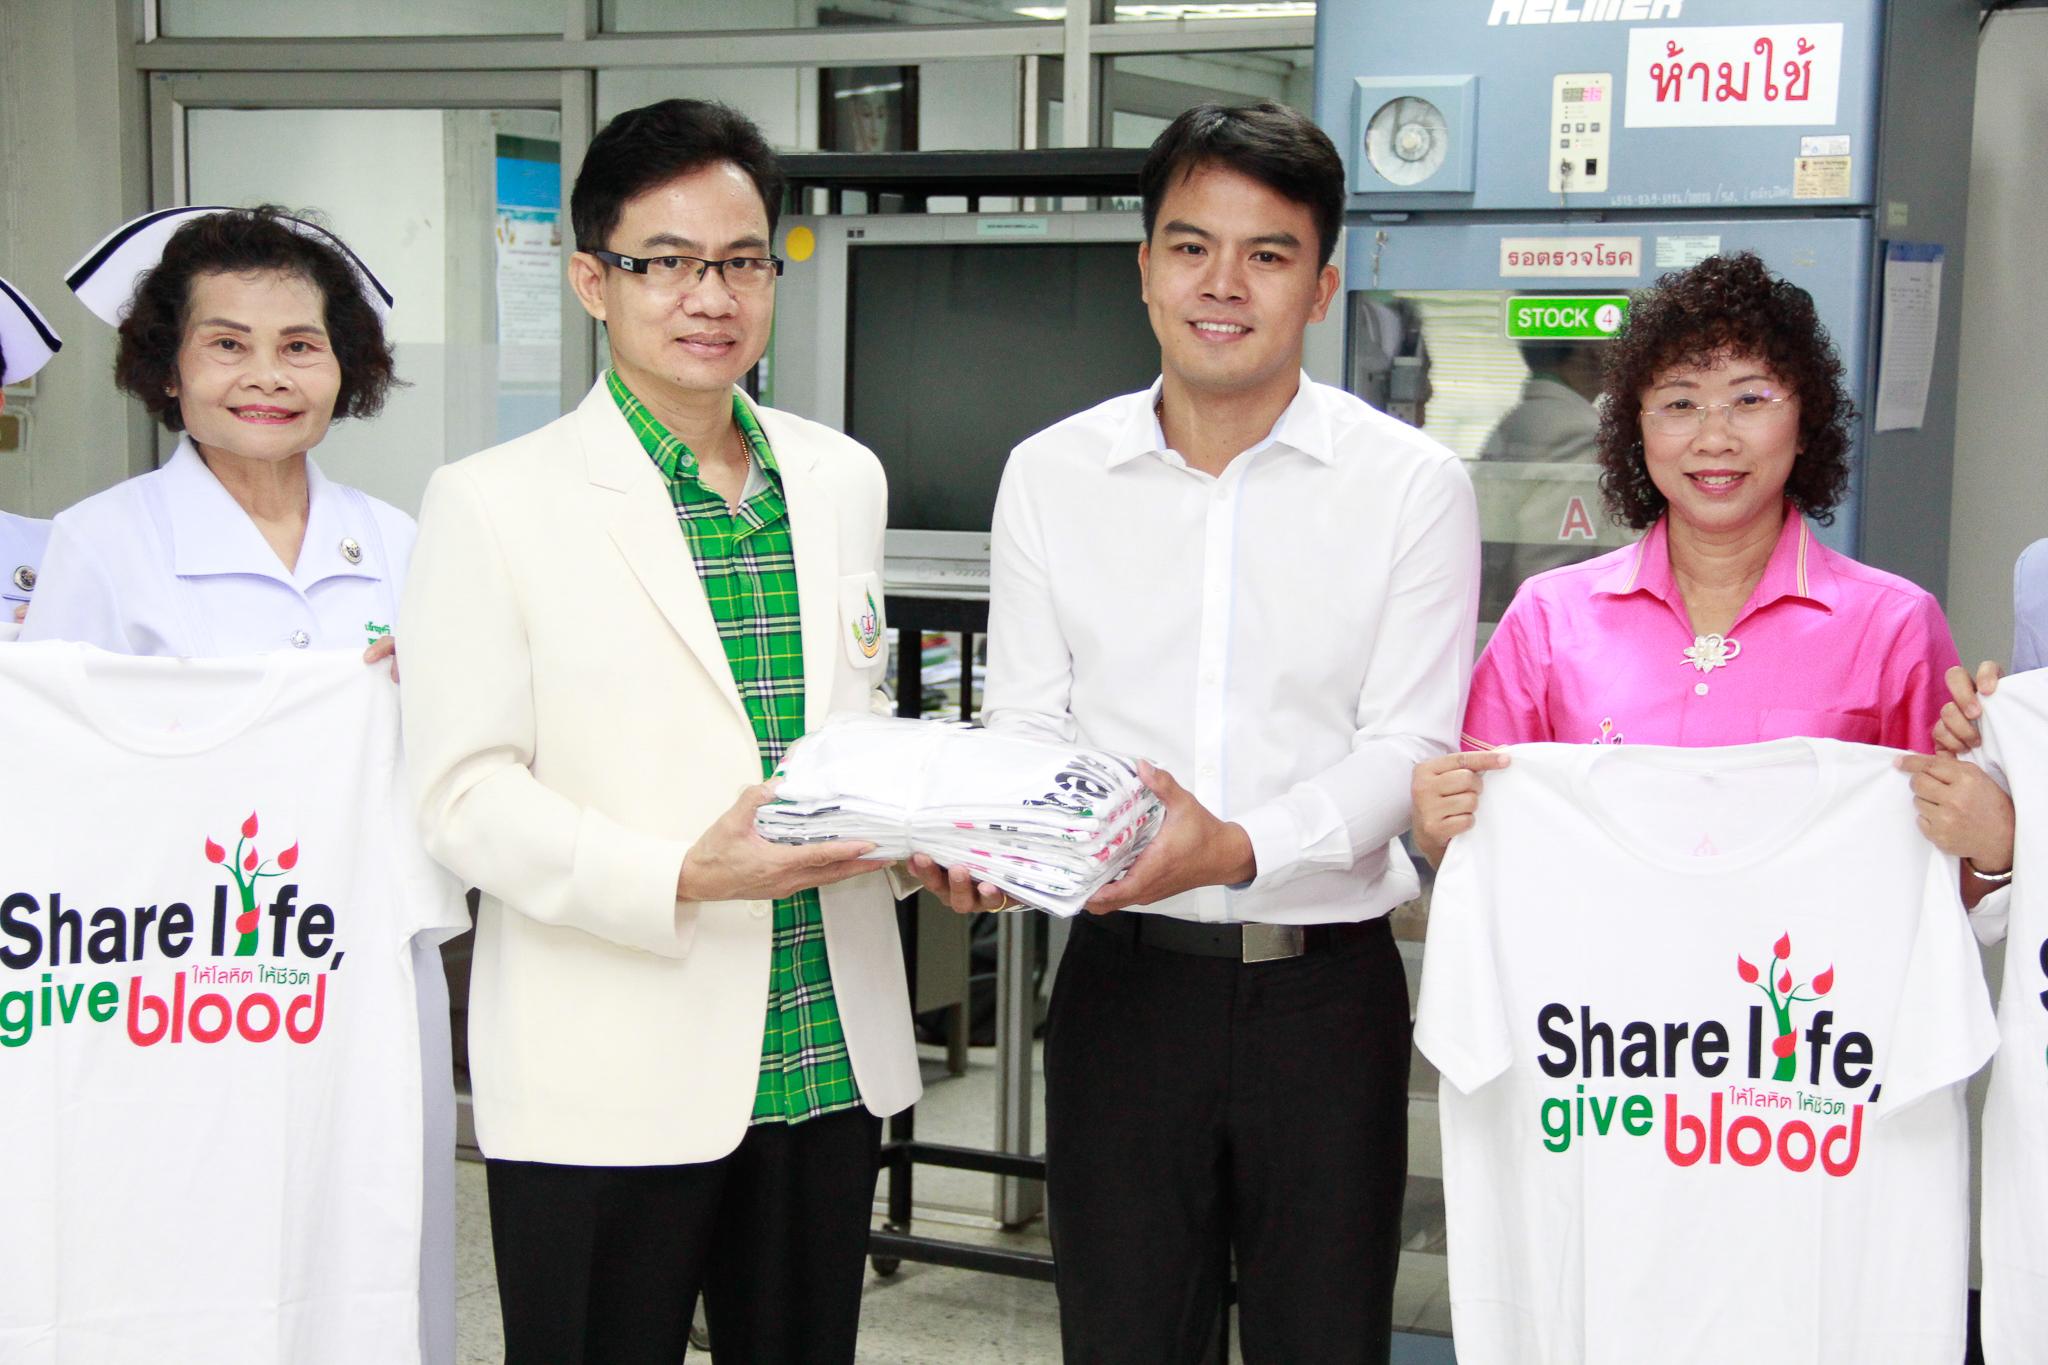 บริษัทโรส ประเทศไทยบริจาคเสื้อผูเบริจาคโลหิต